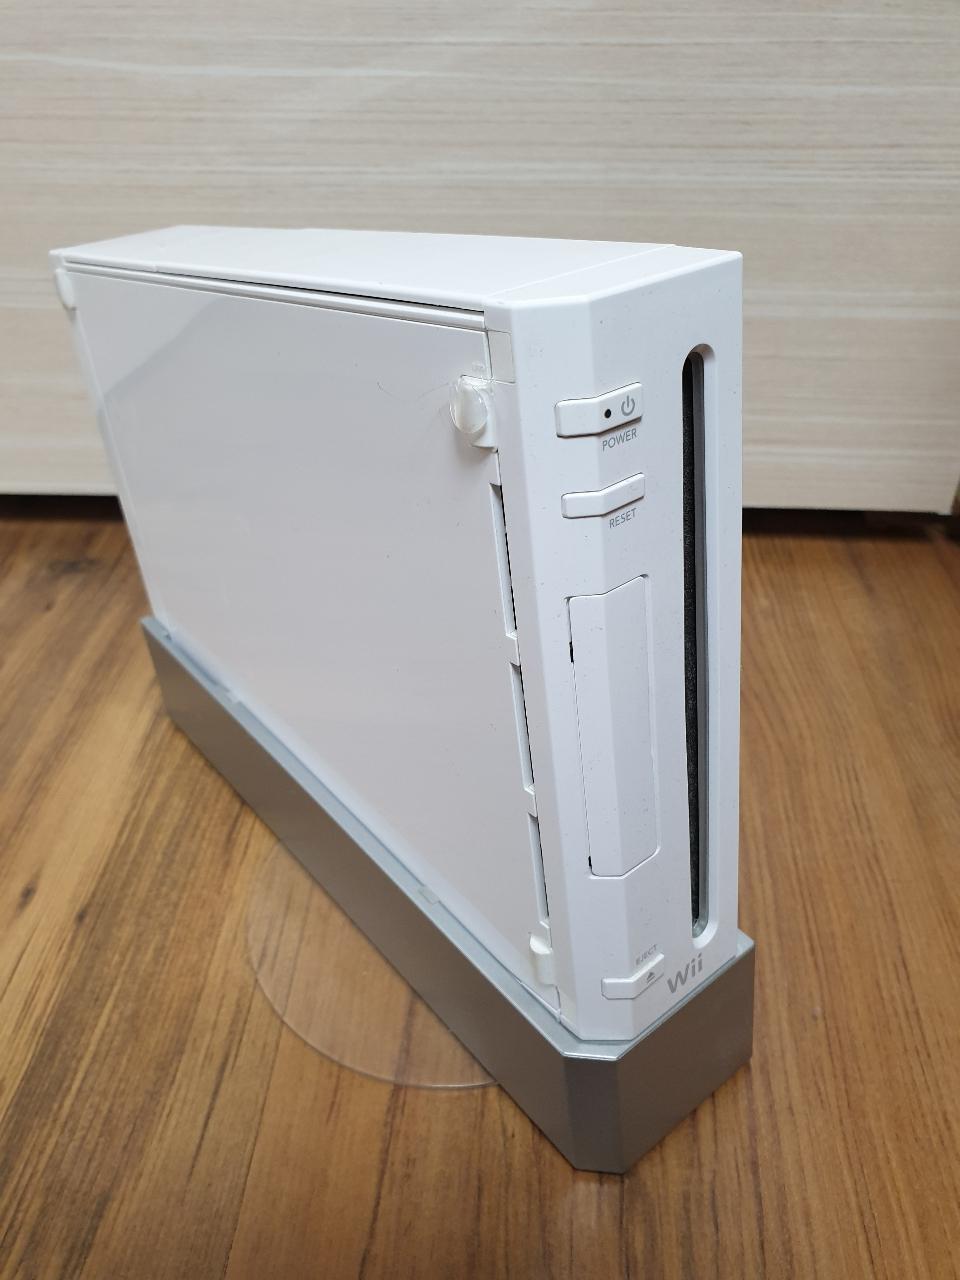 닌텐도 Wii 중고 판매 합니다🤗 #가격더더더내림#